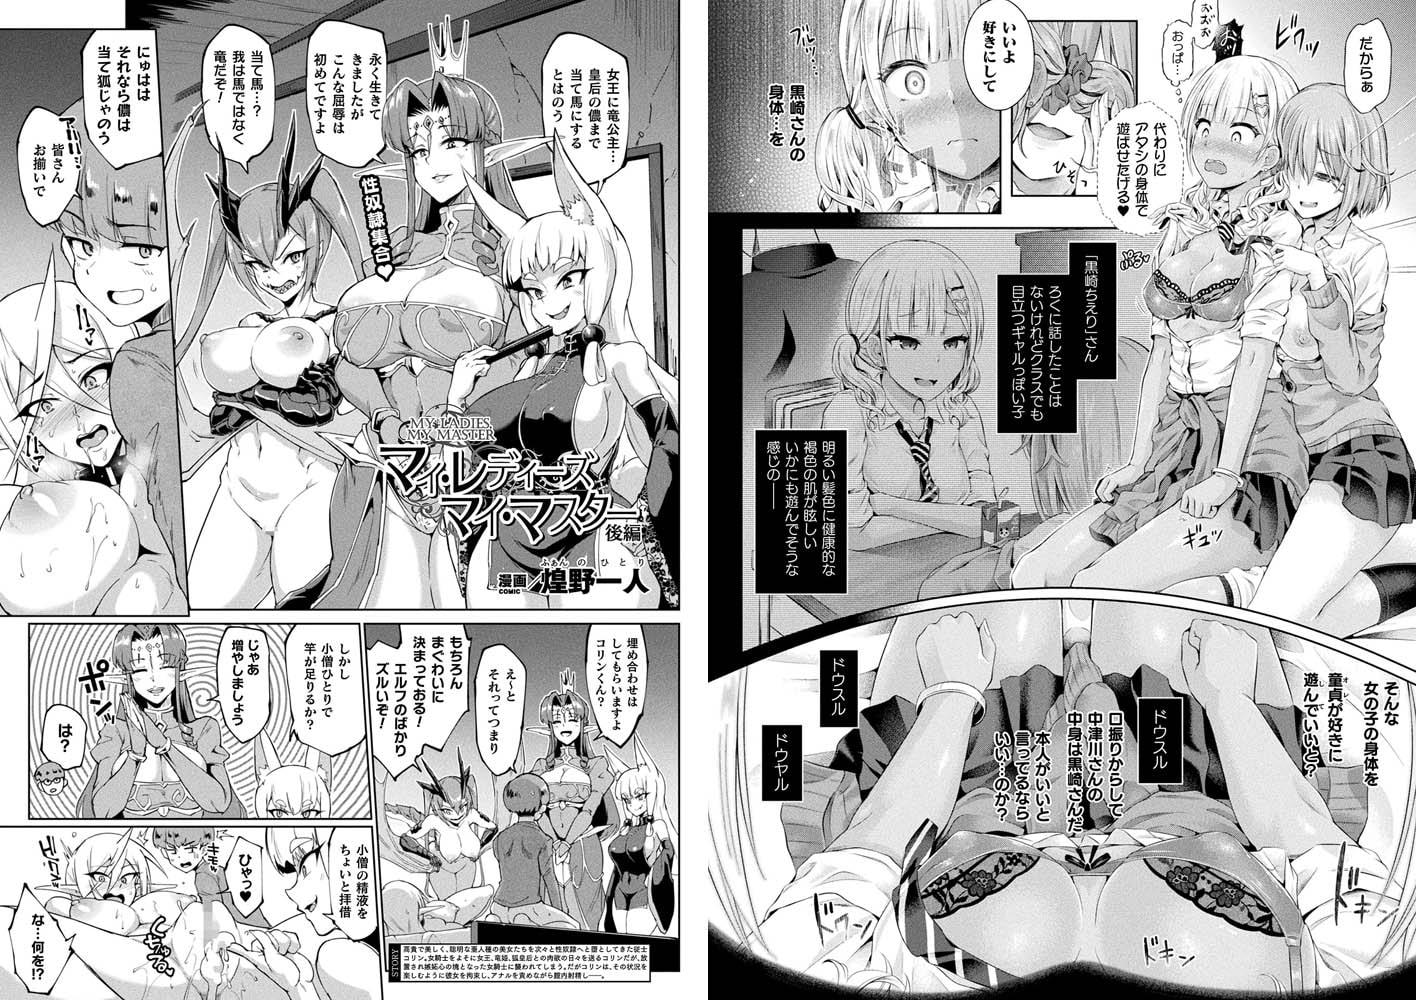 【オレ、ギャルのナカーSwap Partyー】サンプル3